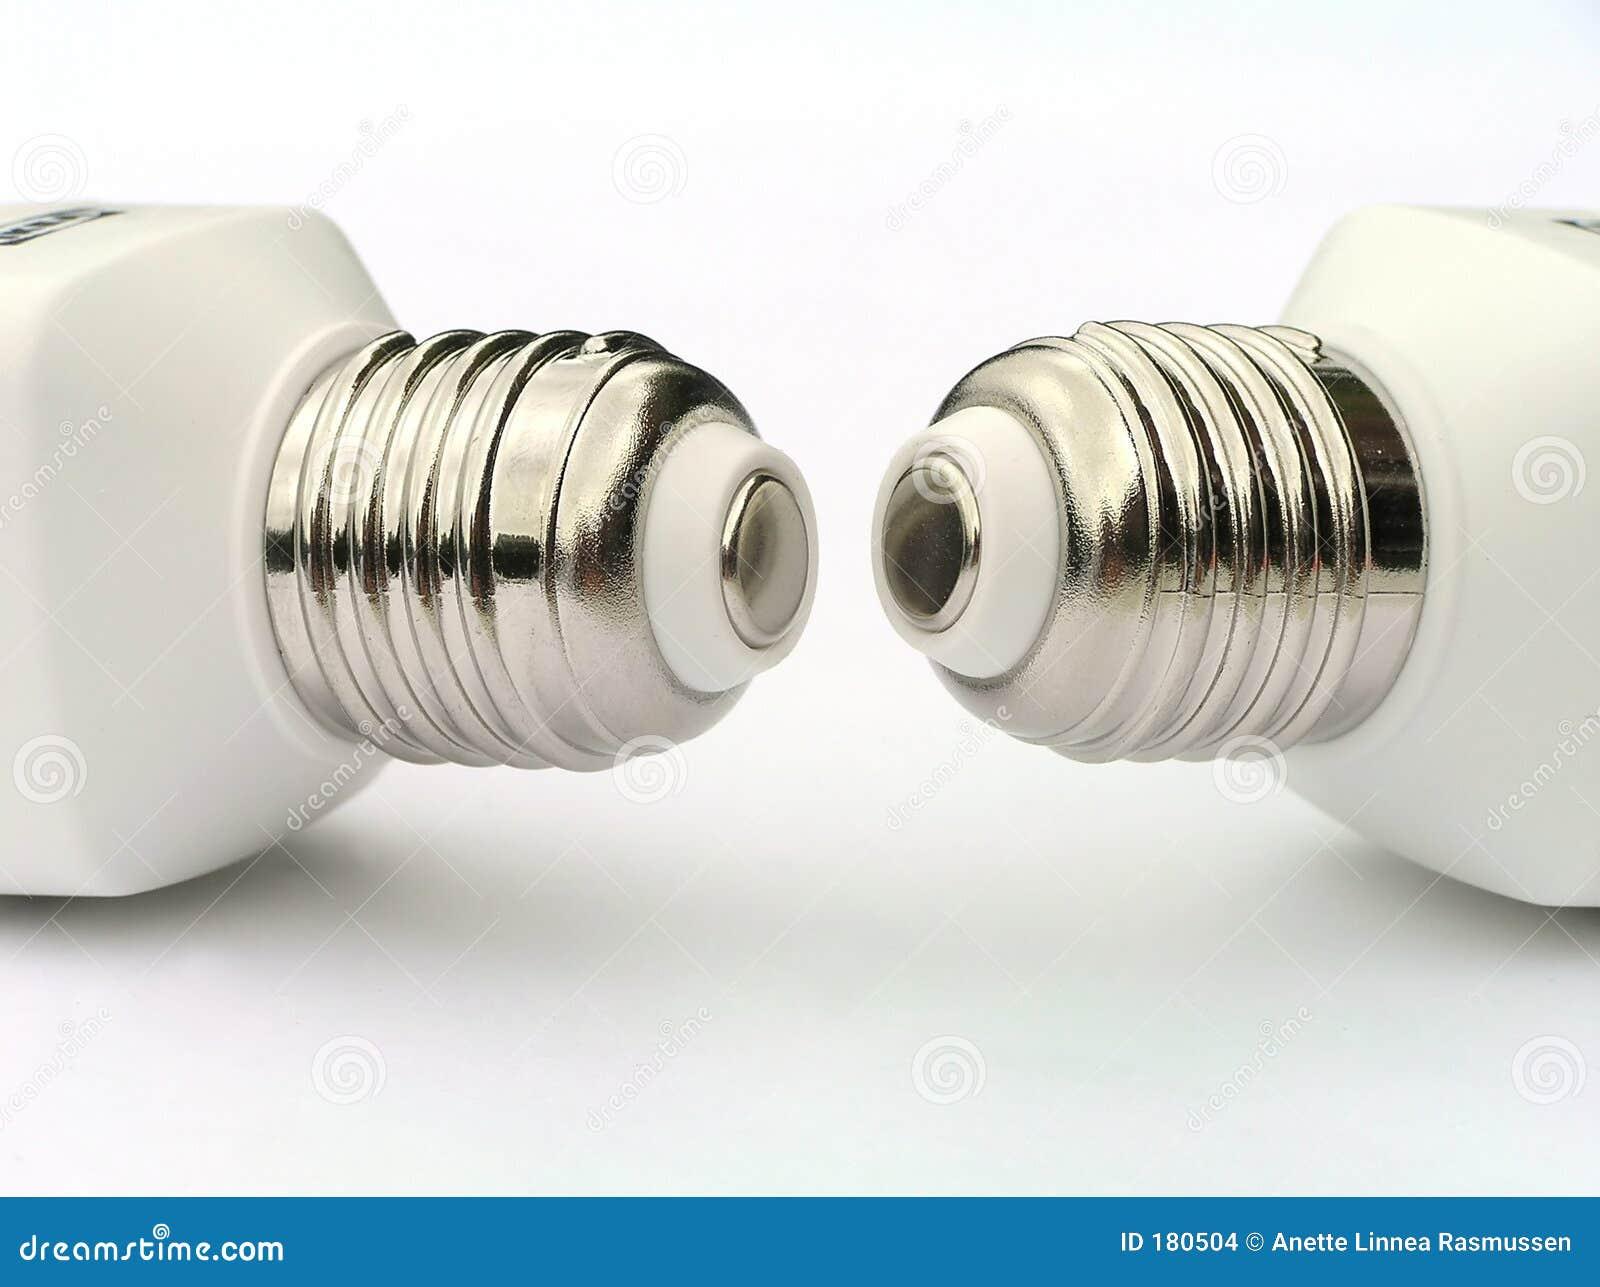 Socket of two power saving light bulbs